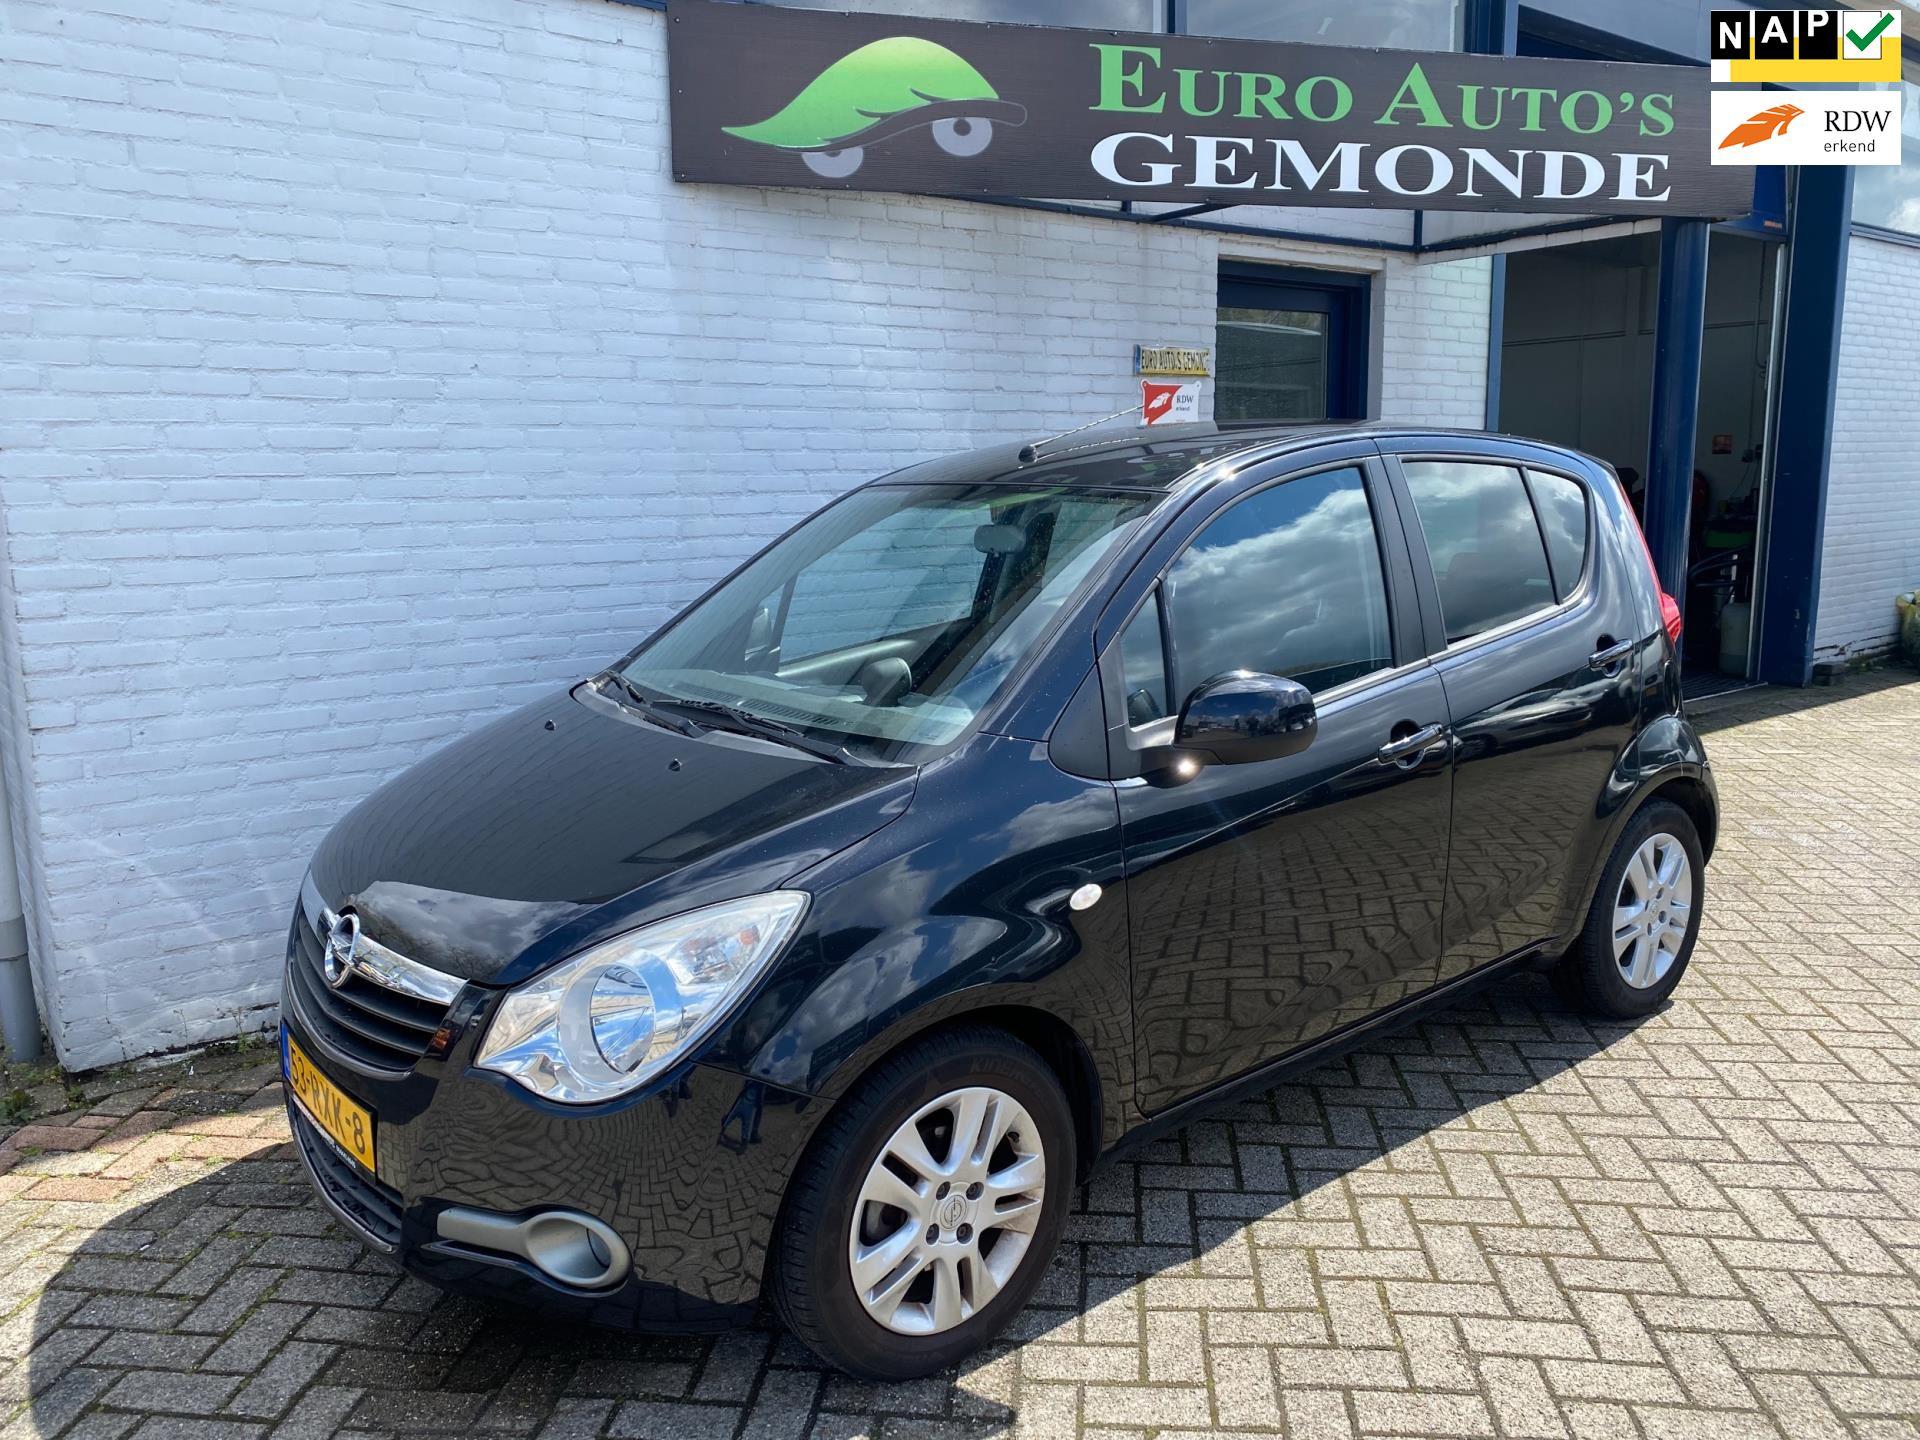 Opel Agila occasion - Euro Auto's Gemonde